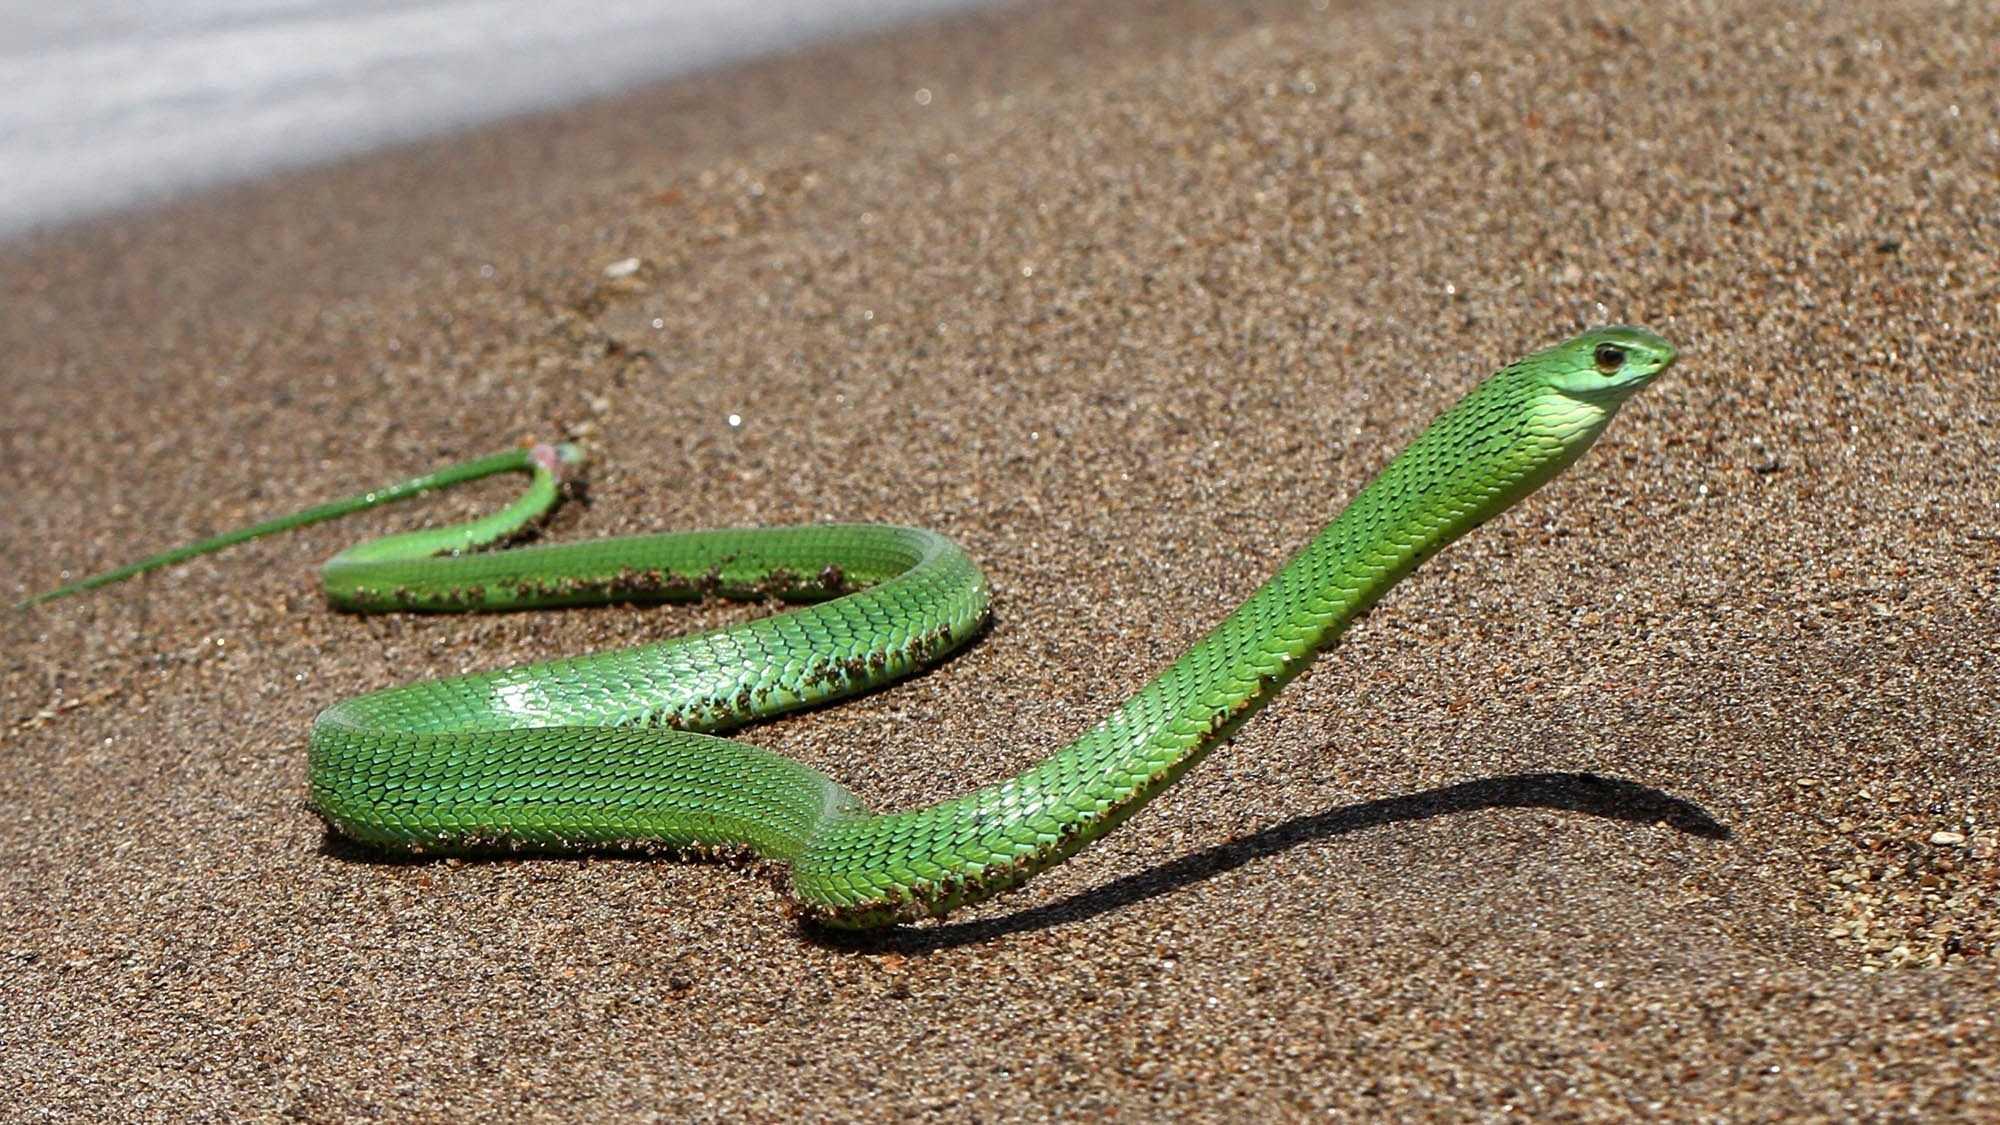 Современные змеи произошли от шести переживших динозавров групп